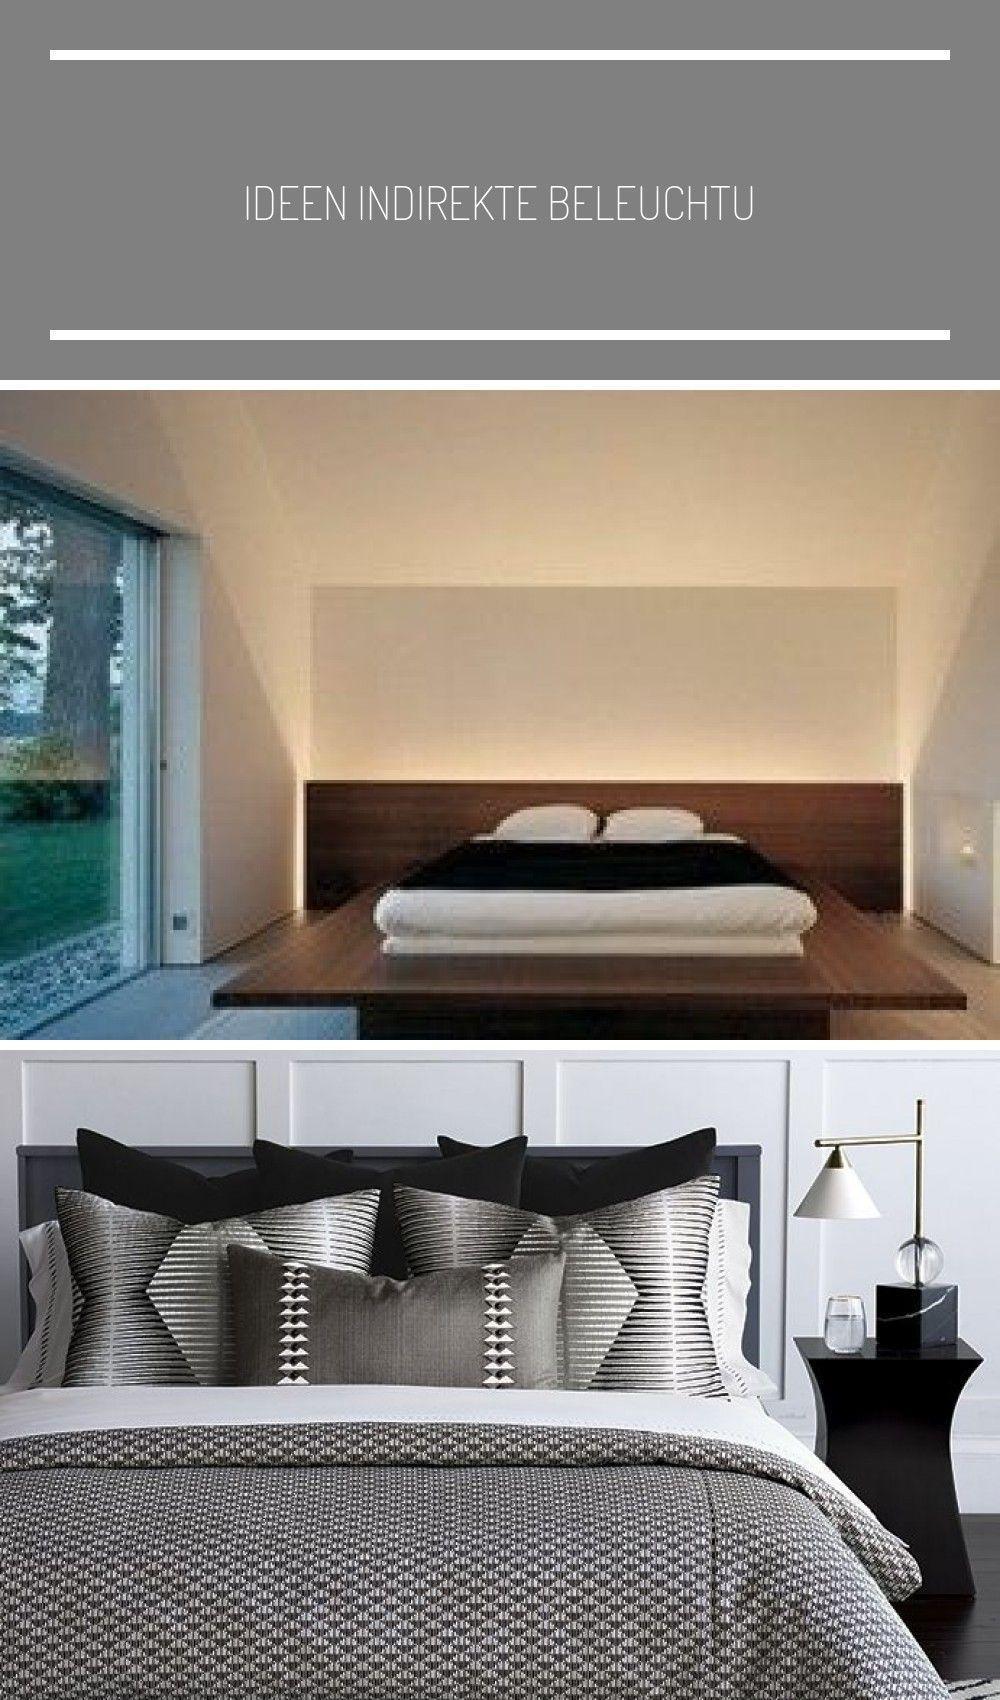 Ideen Indirekte Beleuchtung Schlafzimmer Lightingpictures Lightingdec In 2020 Indirekte Beleuchtung Beleuchtung Wohnzimmer Beleuchtung